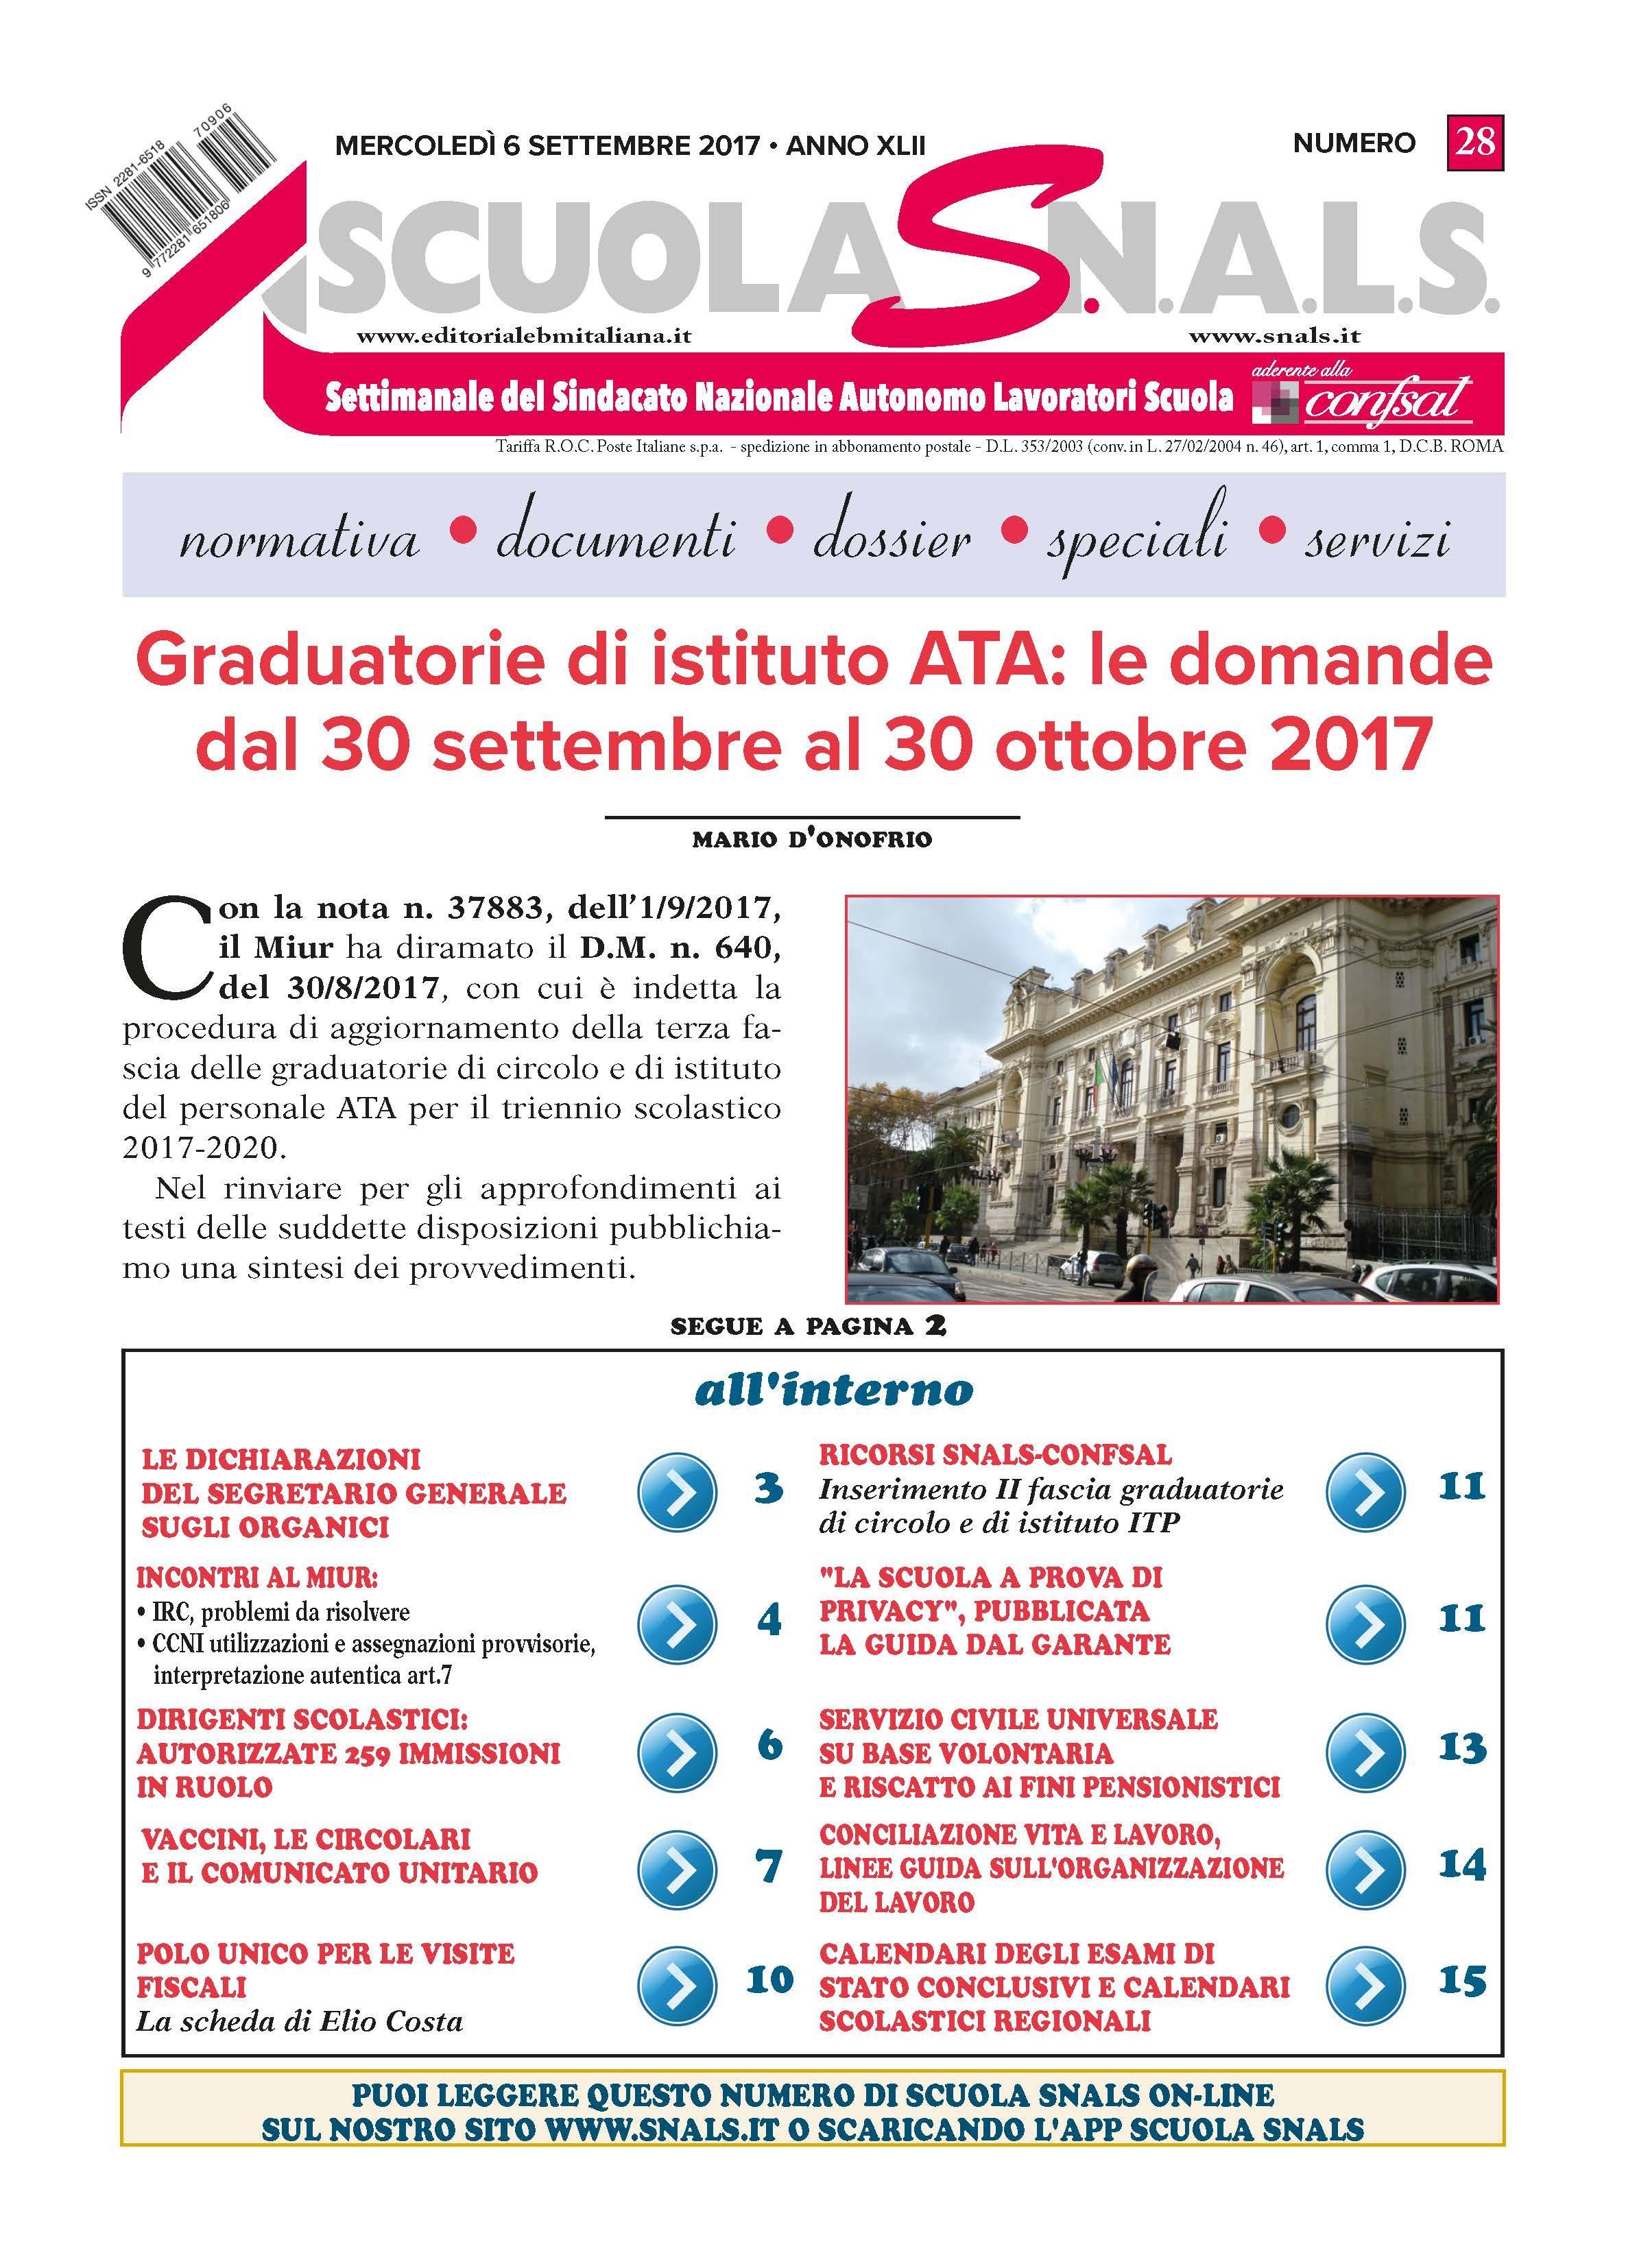 Graduatorie di istituto ATA le domande dal 30 settembre al 30 ottobre 2017